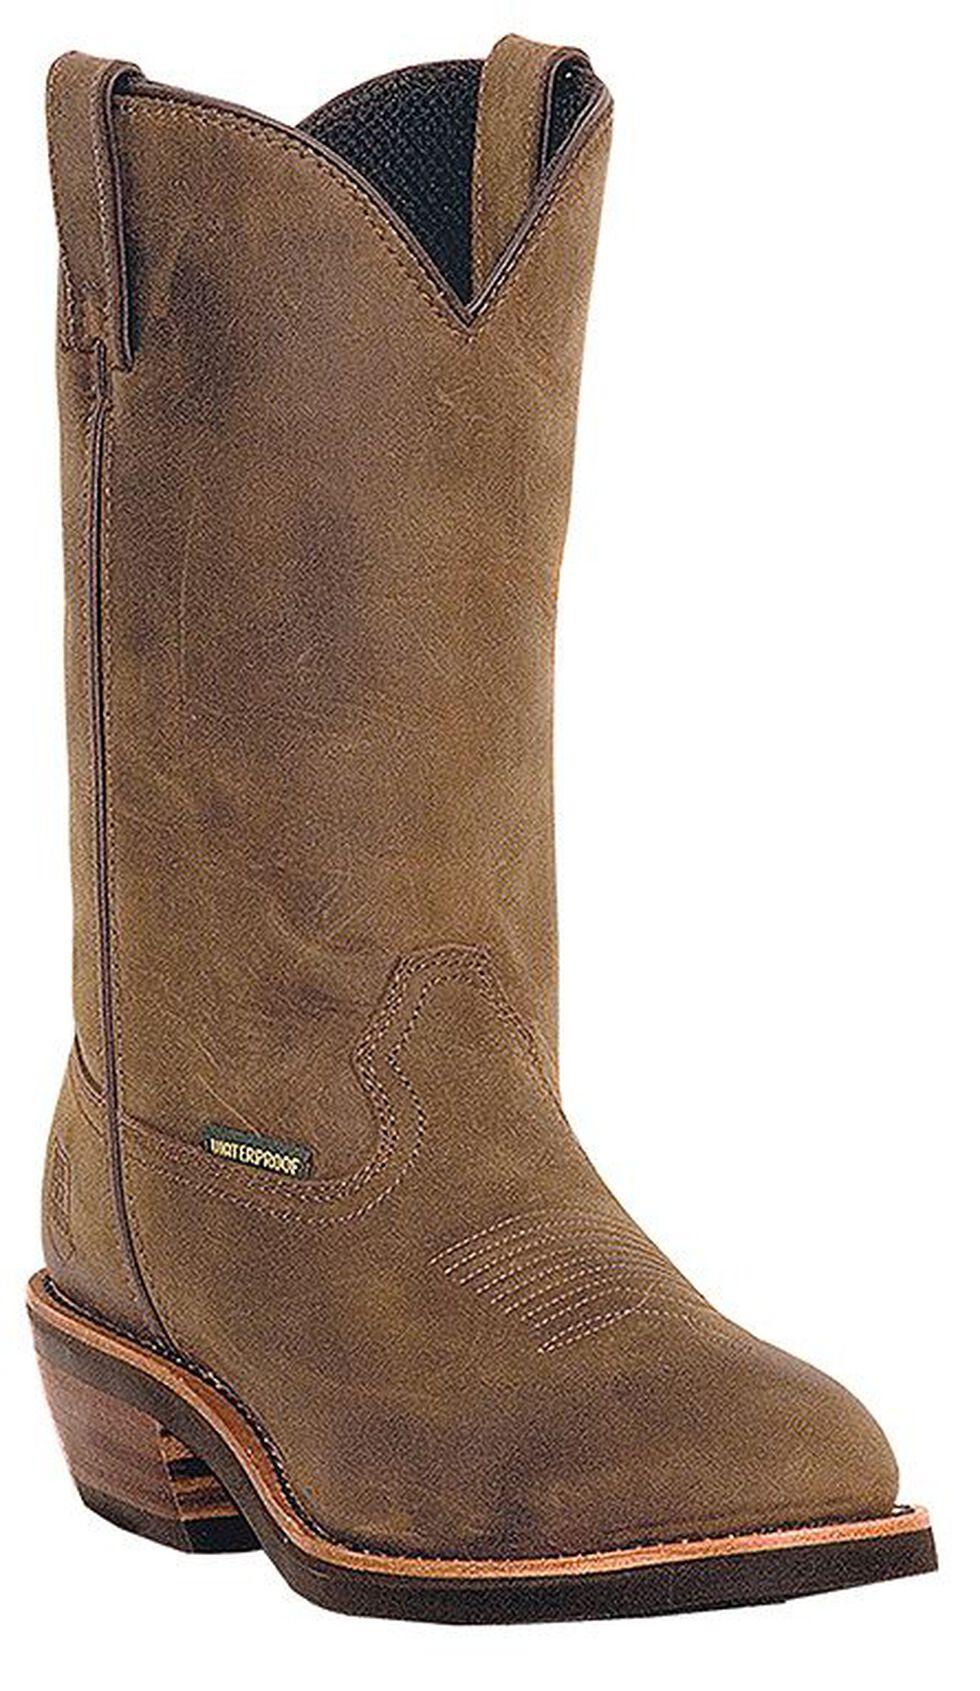 Dan Post Albuquerque Waterproof Pull-On Work Boots - Steel Toe, Tan, hi-res